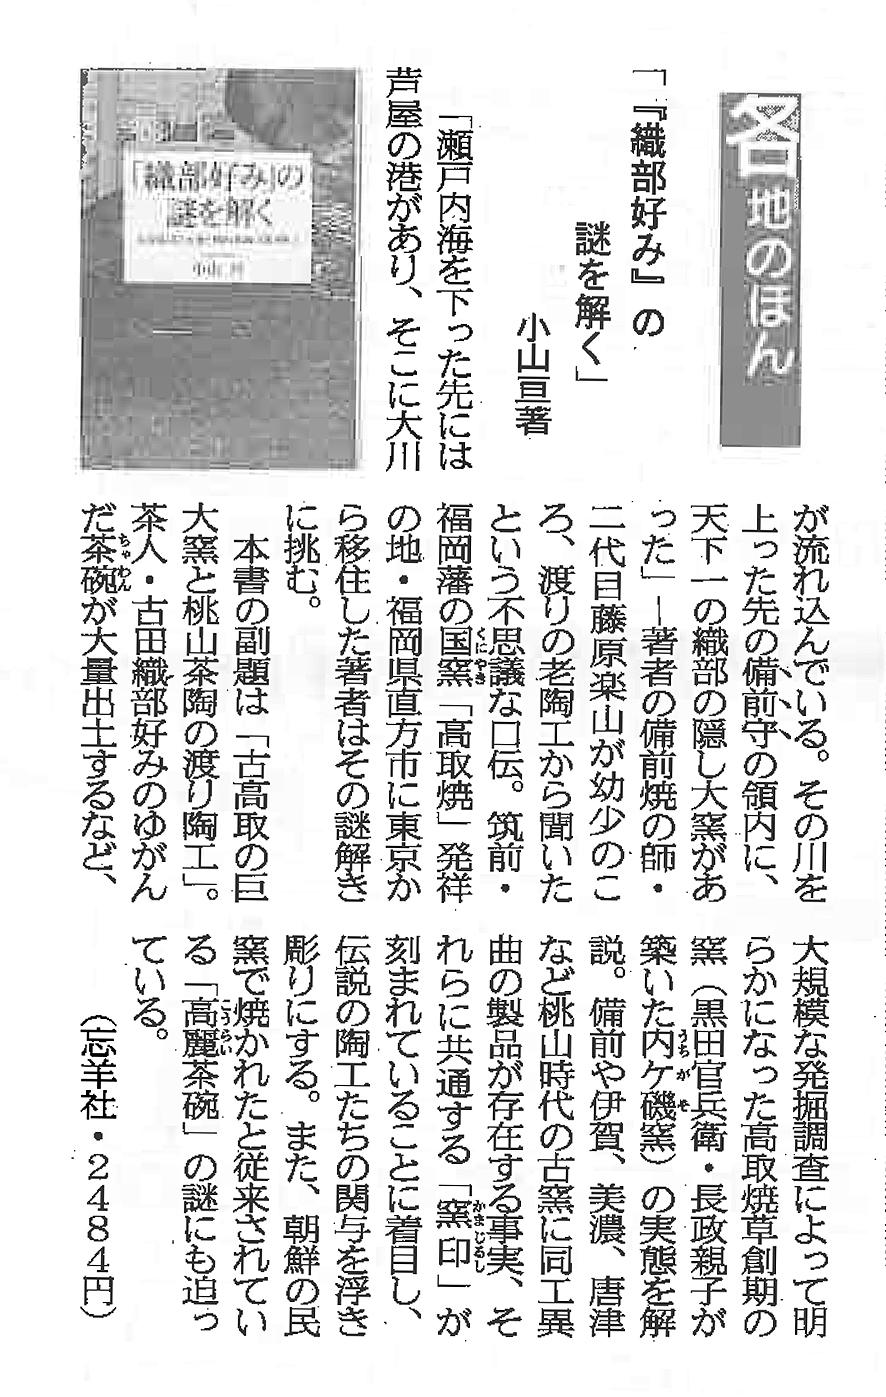 KM_C224e-20141026134858